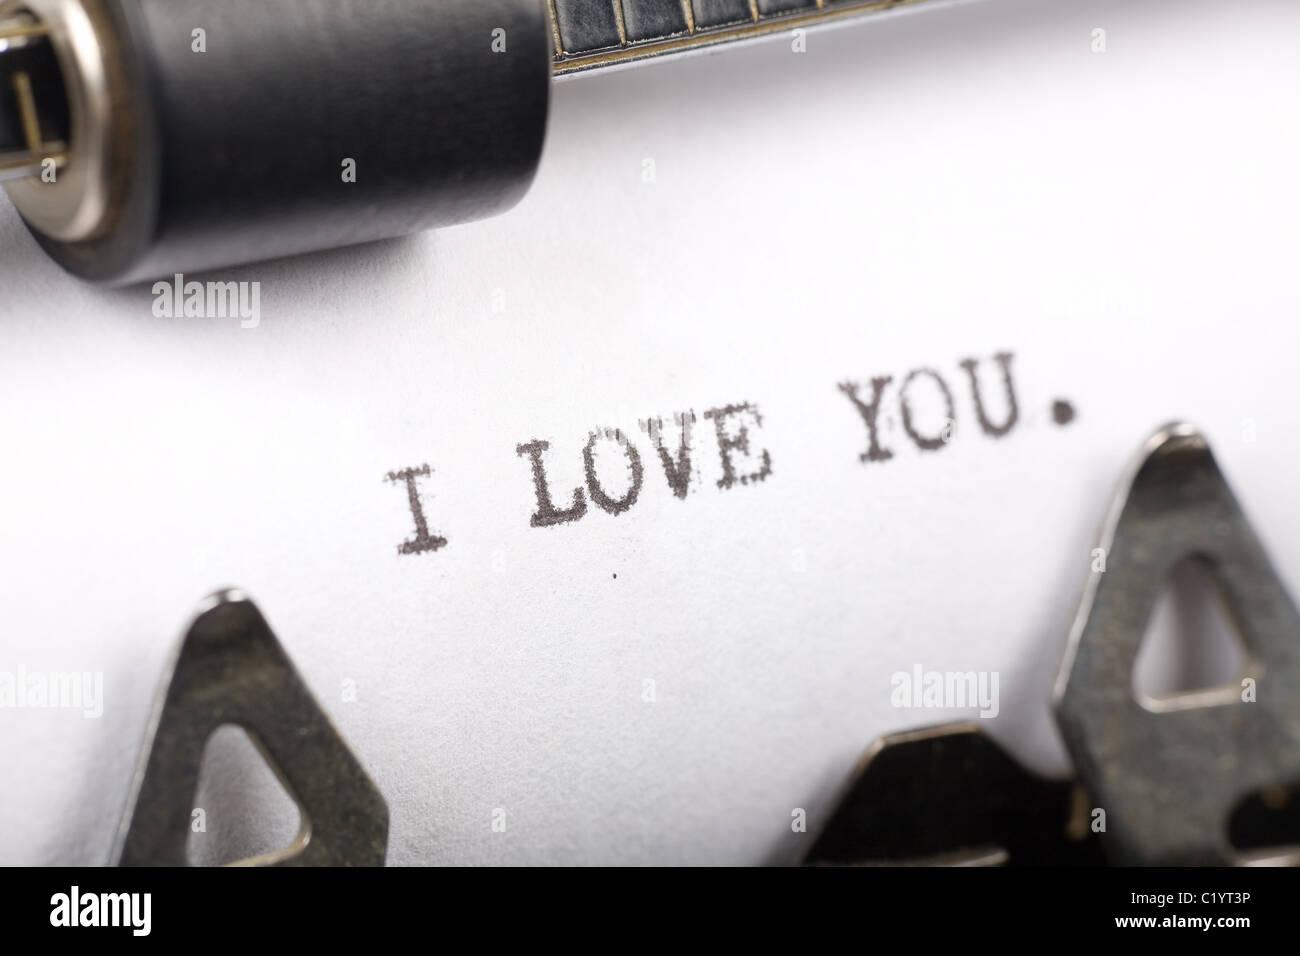 Nastri inchiostratori per macchine da scrivere close up shot, concetto di ti amo Immagini Stock